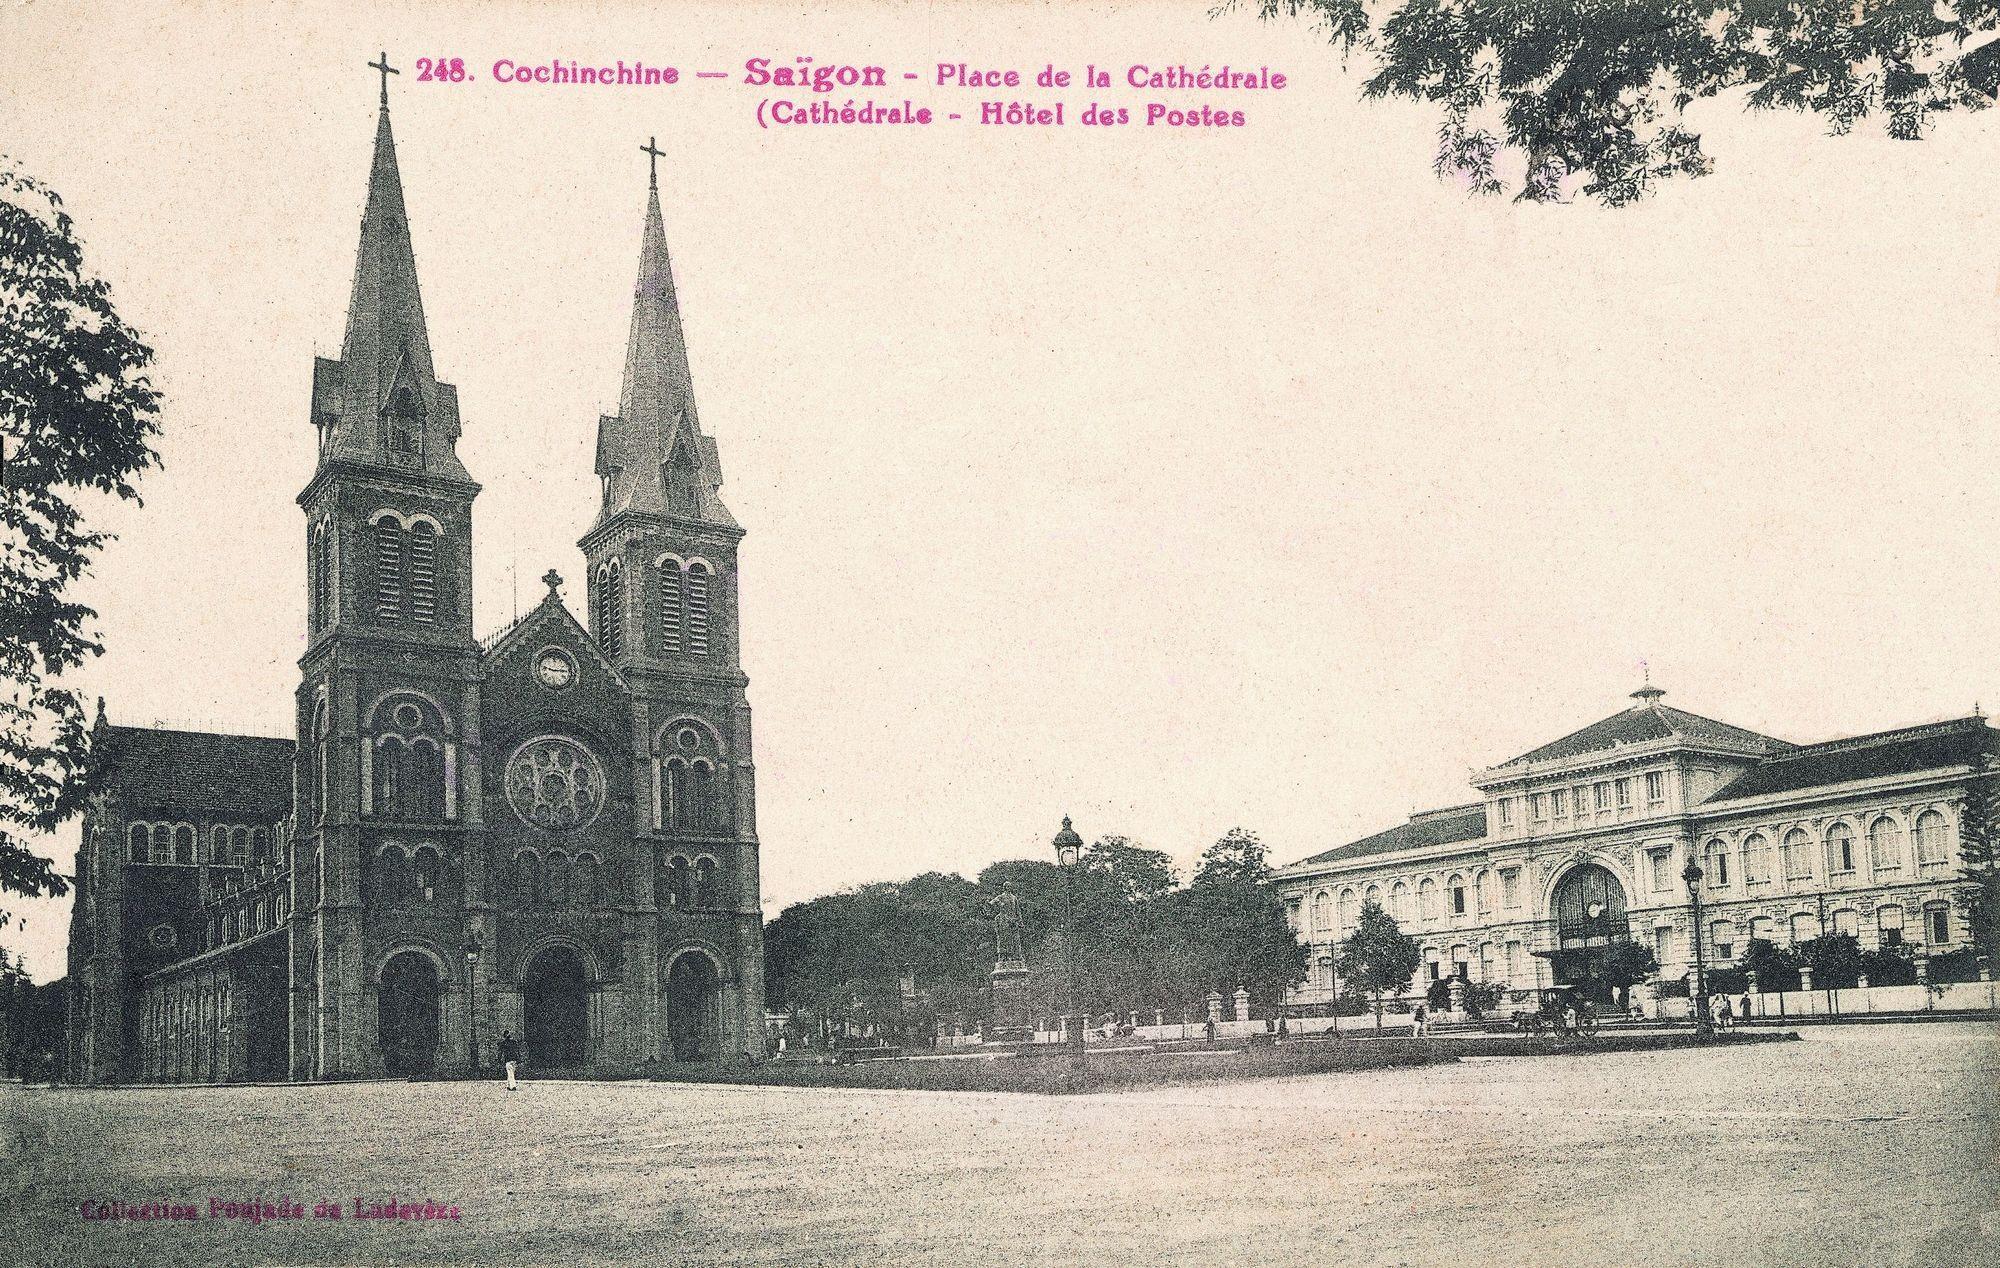 La cathédrale de Saïgon, carte postale